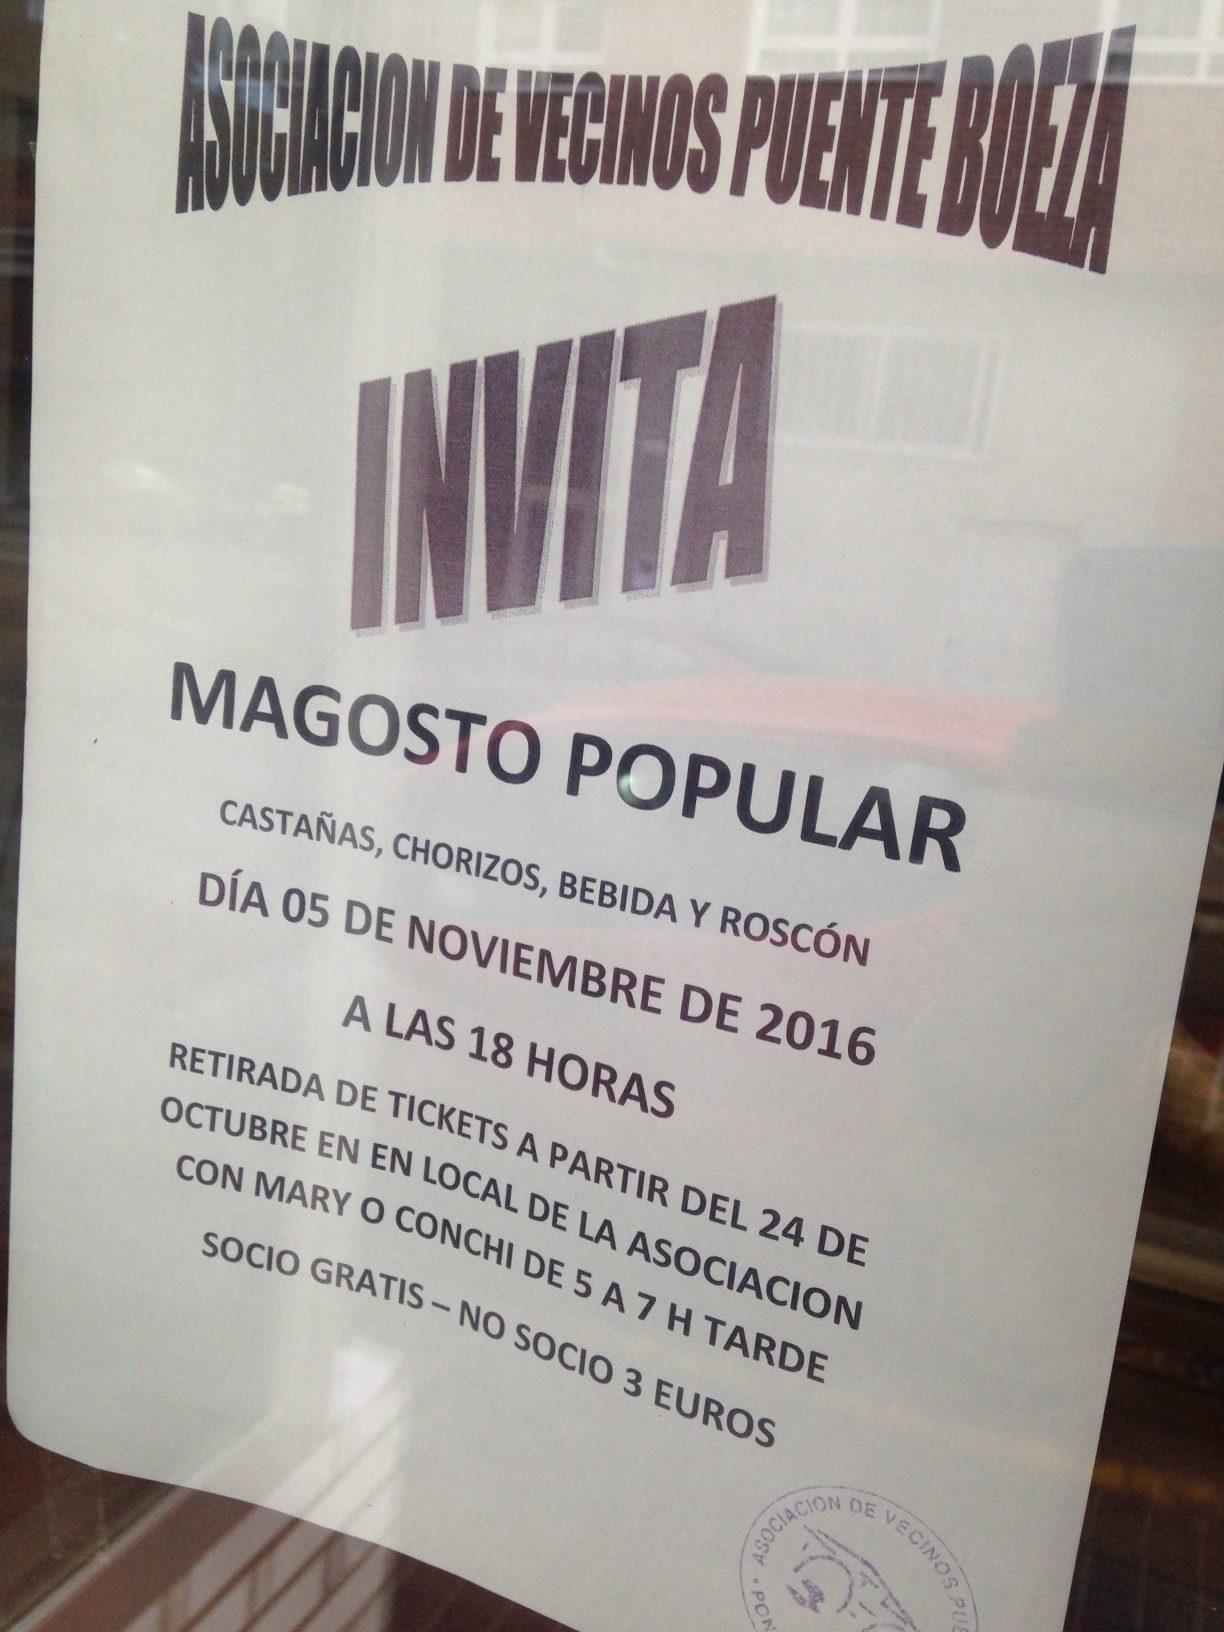 EL barrio de Puente Boeza organiza su magosto popular para el 5 de noviembre 1